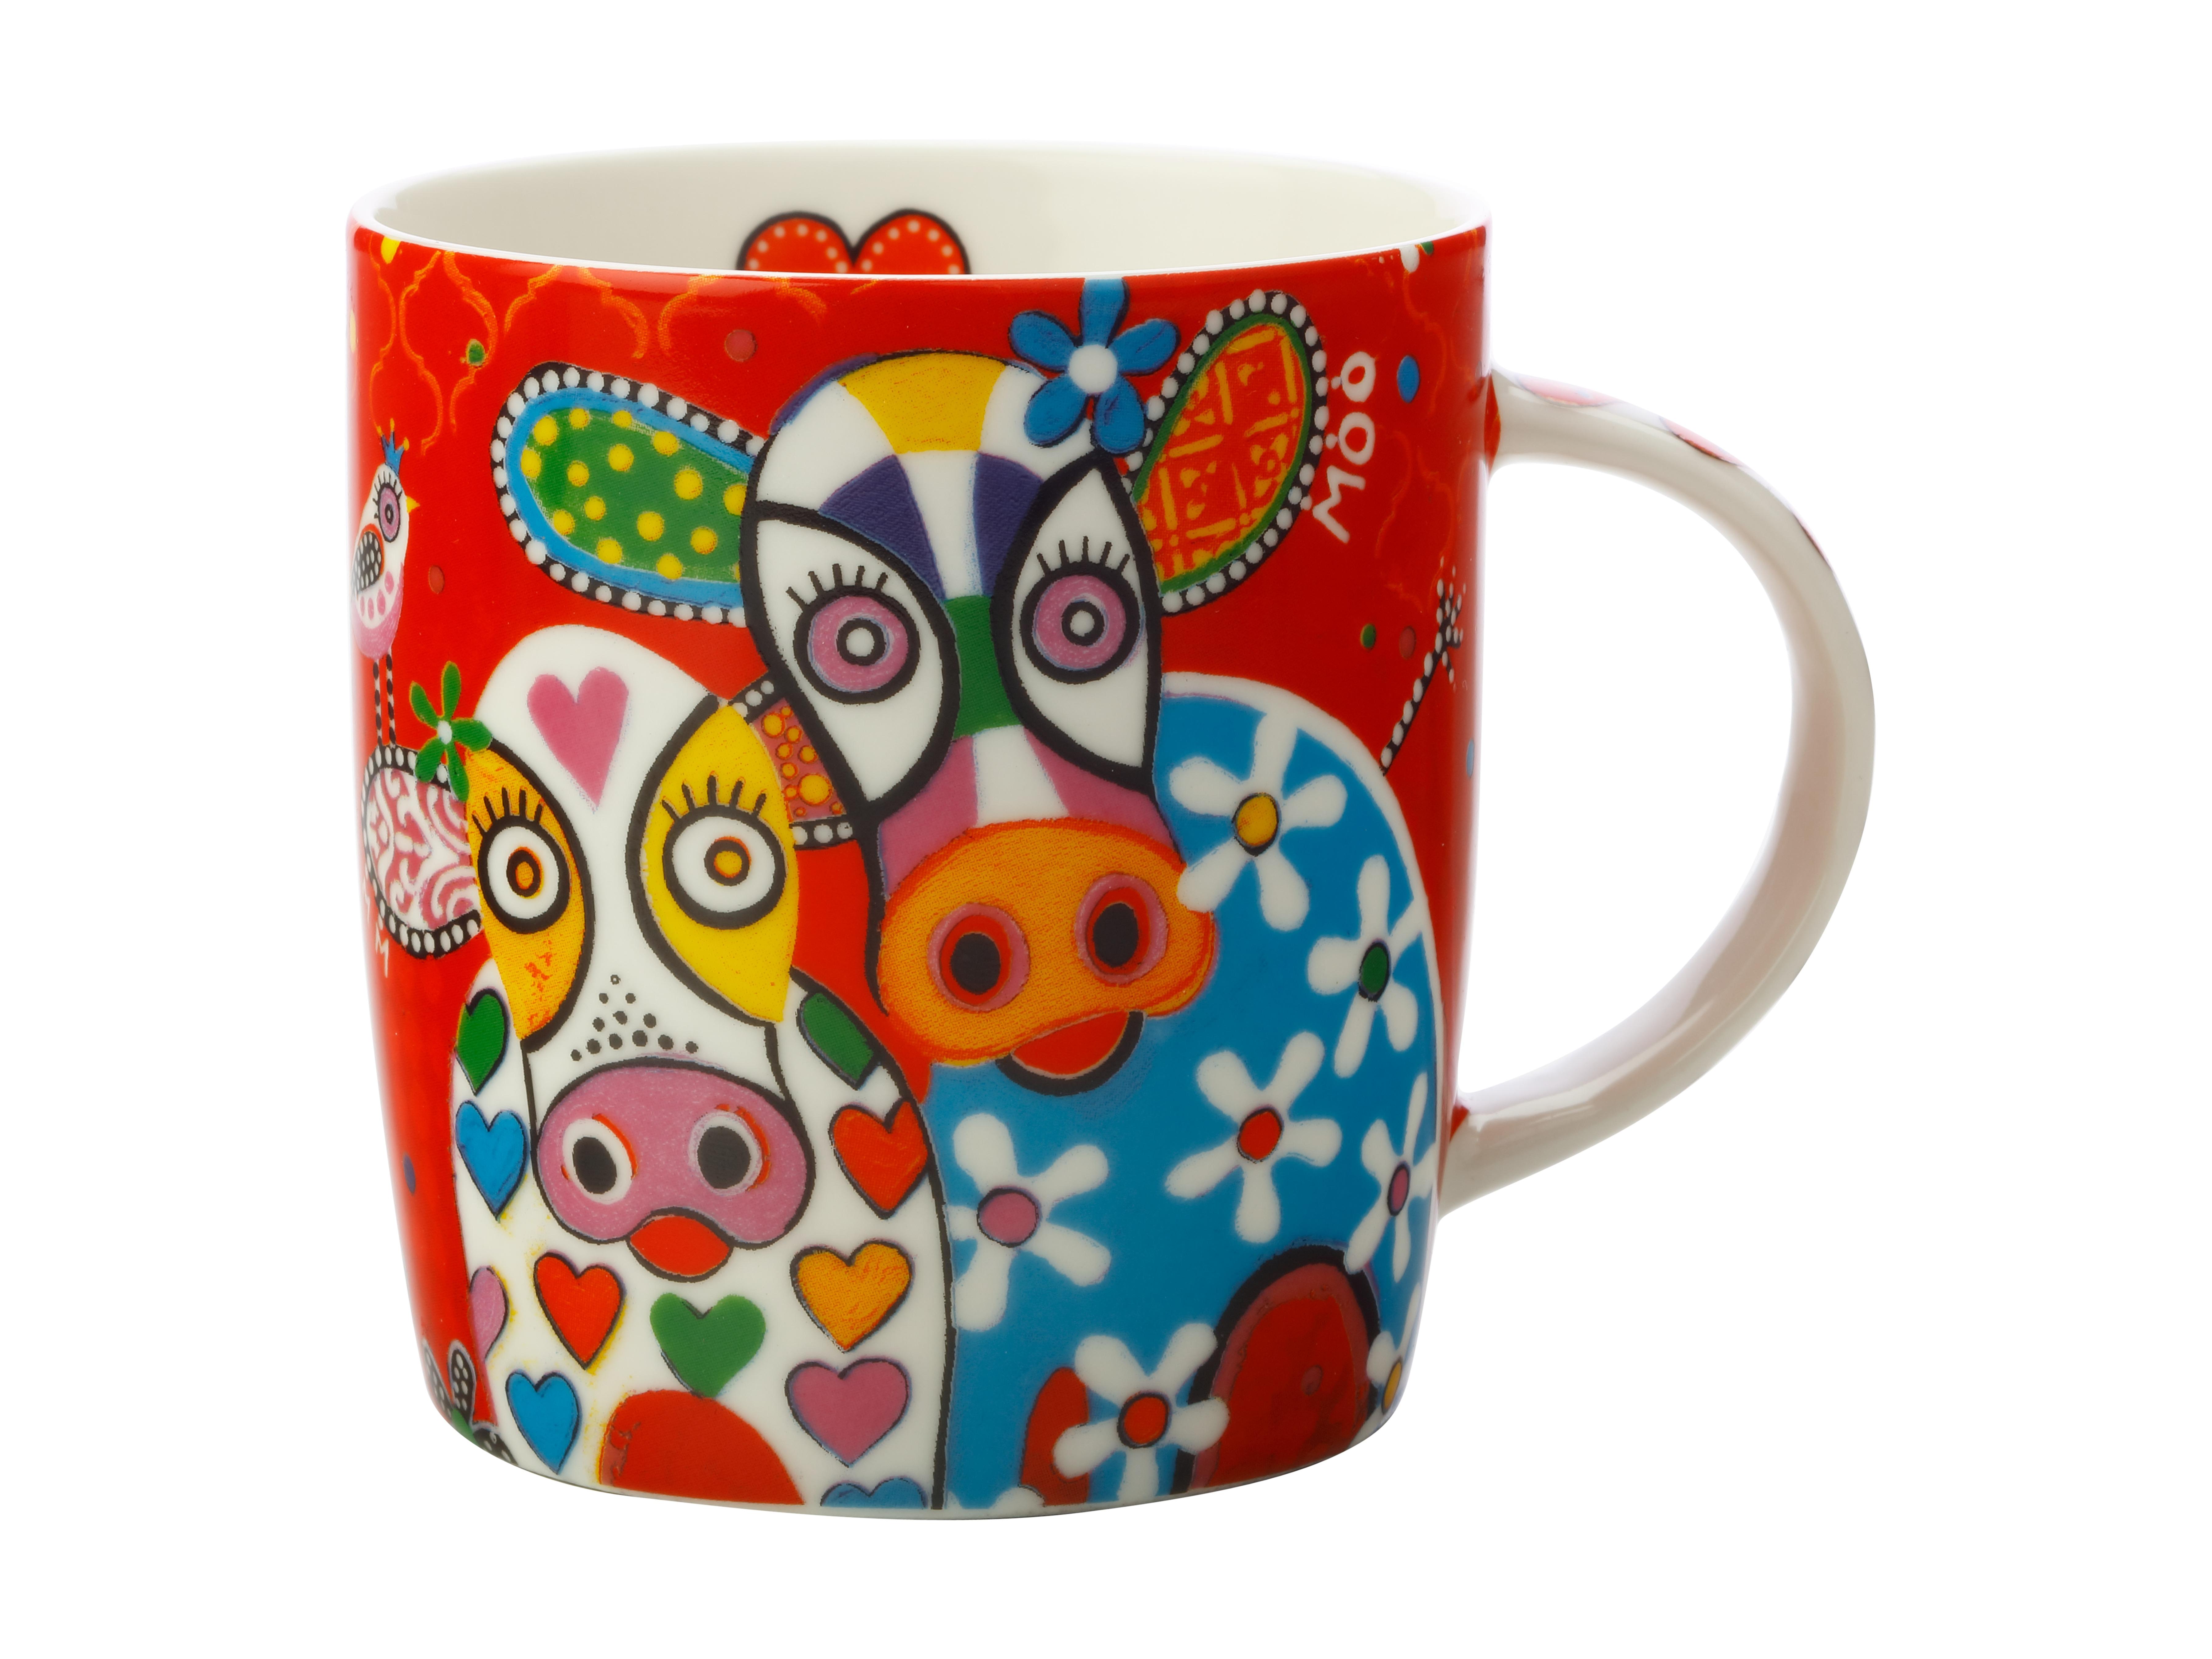 Maxwell Williams Love Hearts Mug 370ml Happy Moo